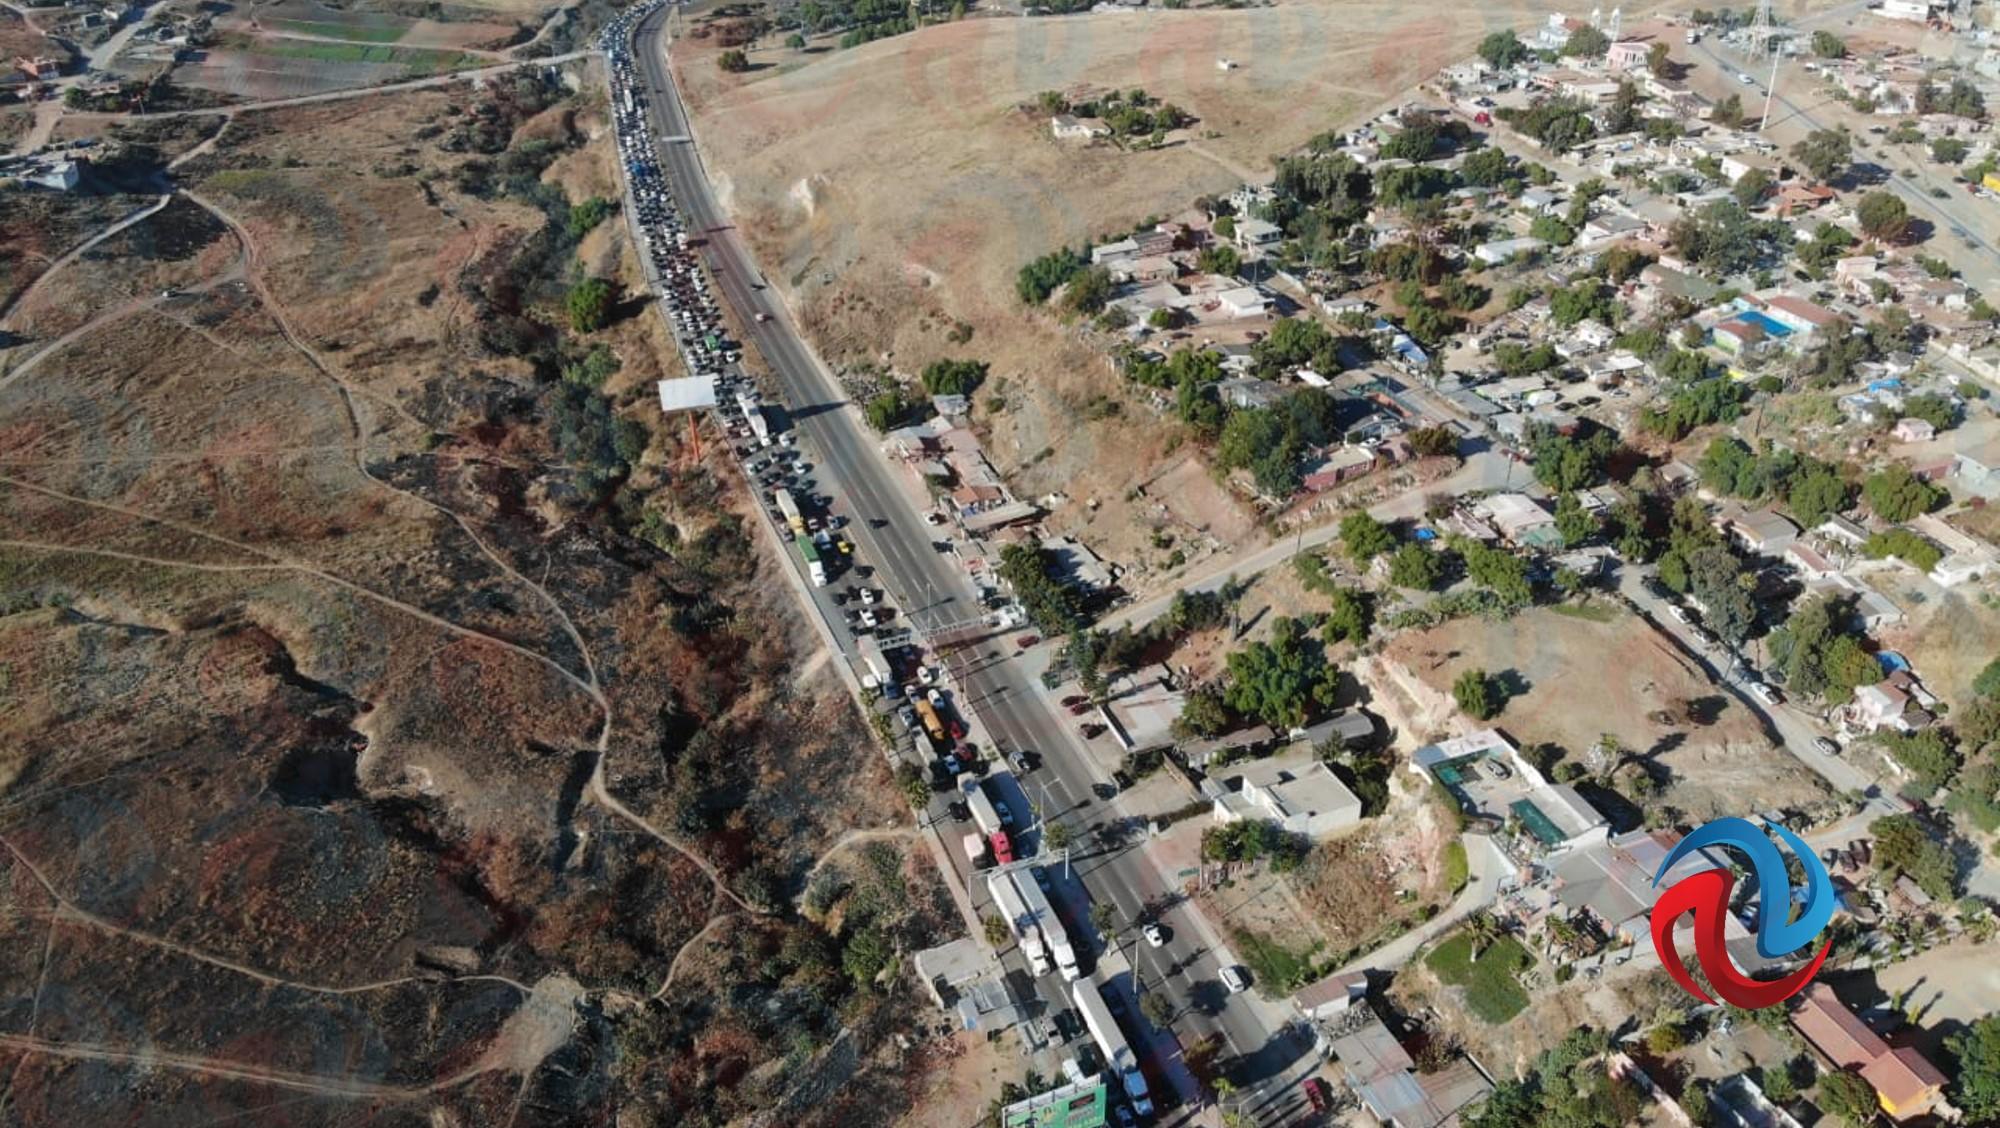 Largas filas en la carretera rumbo a Rosarito